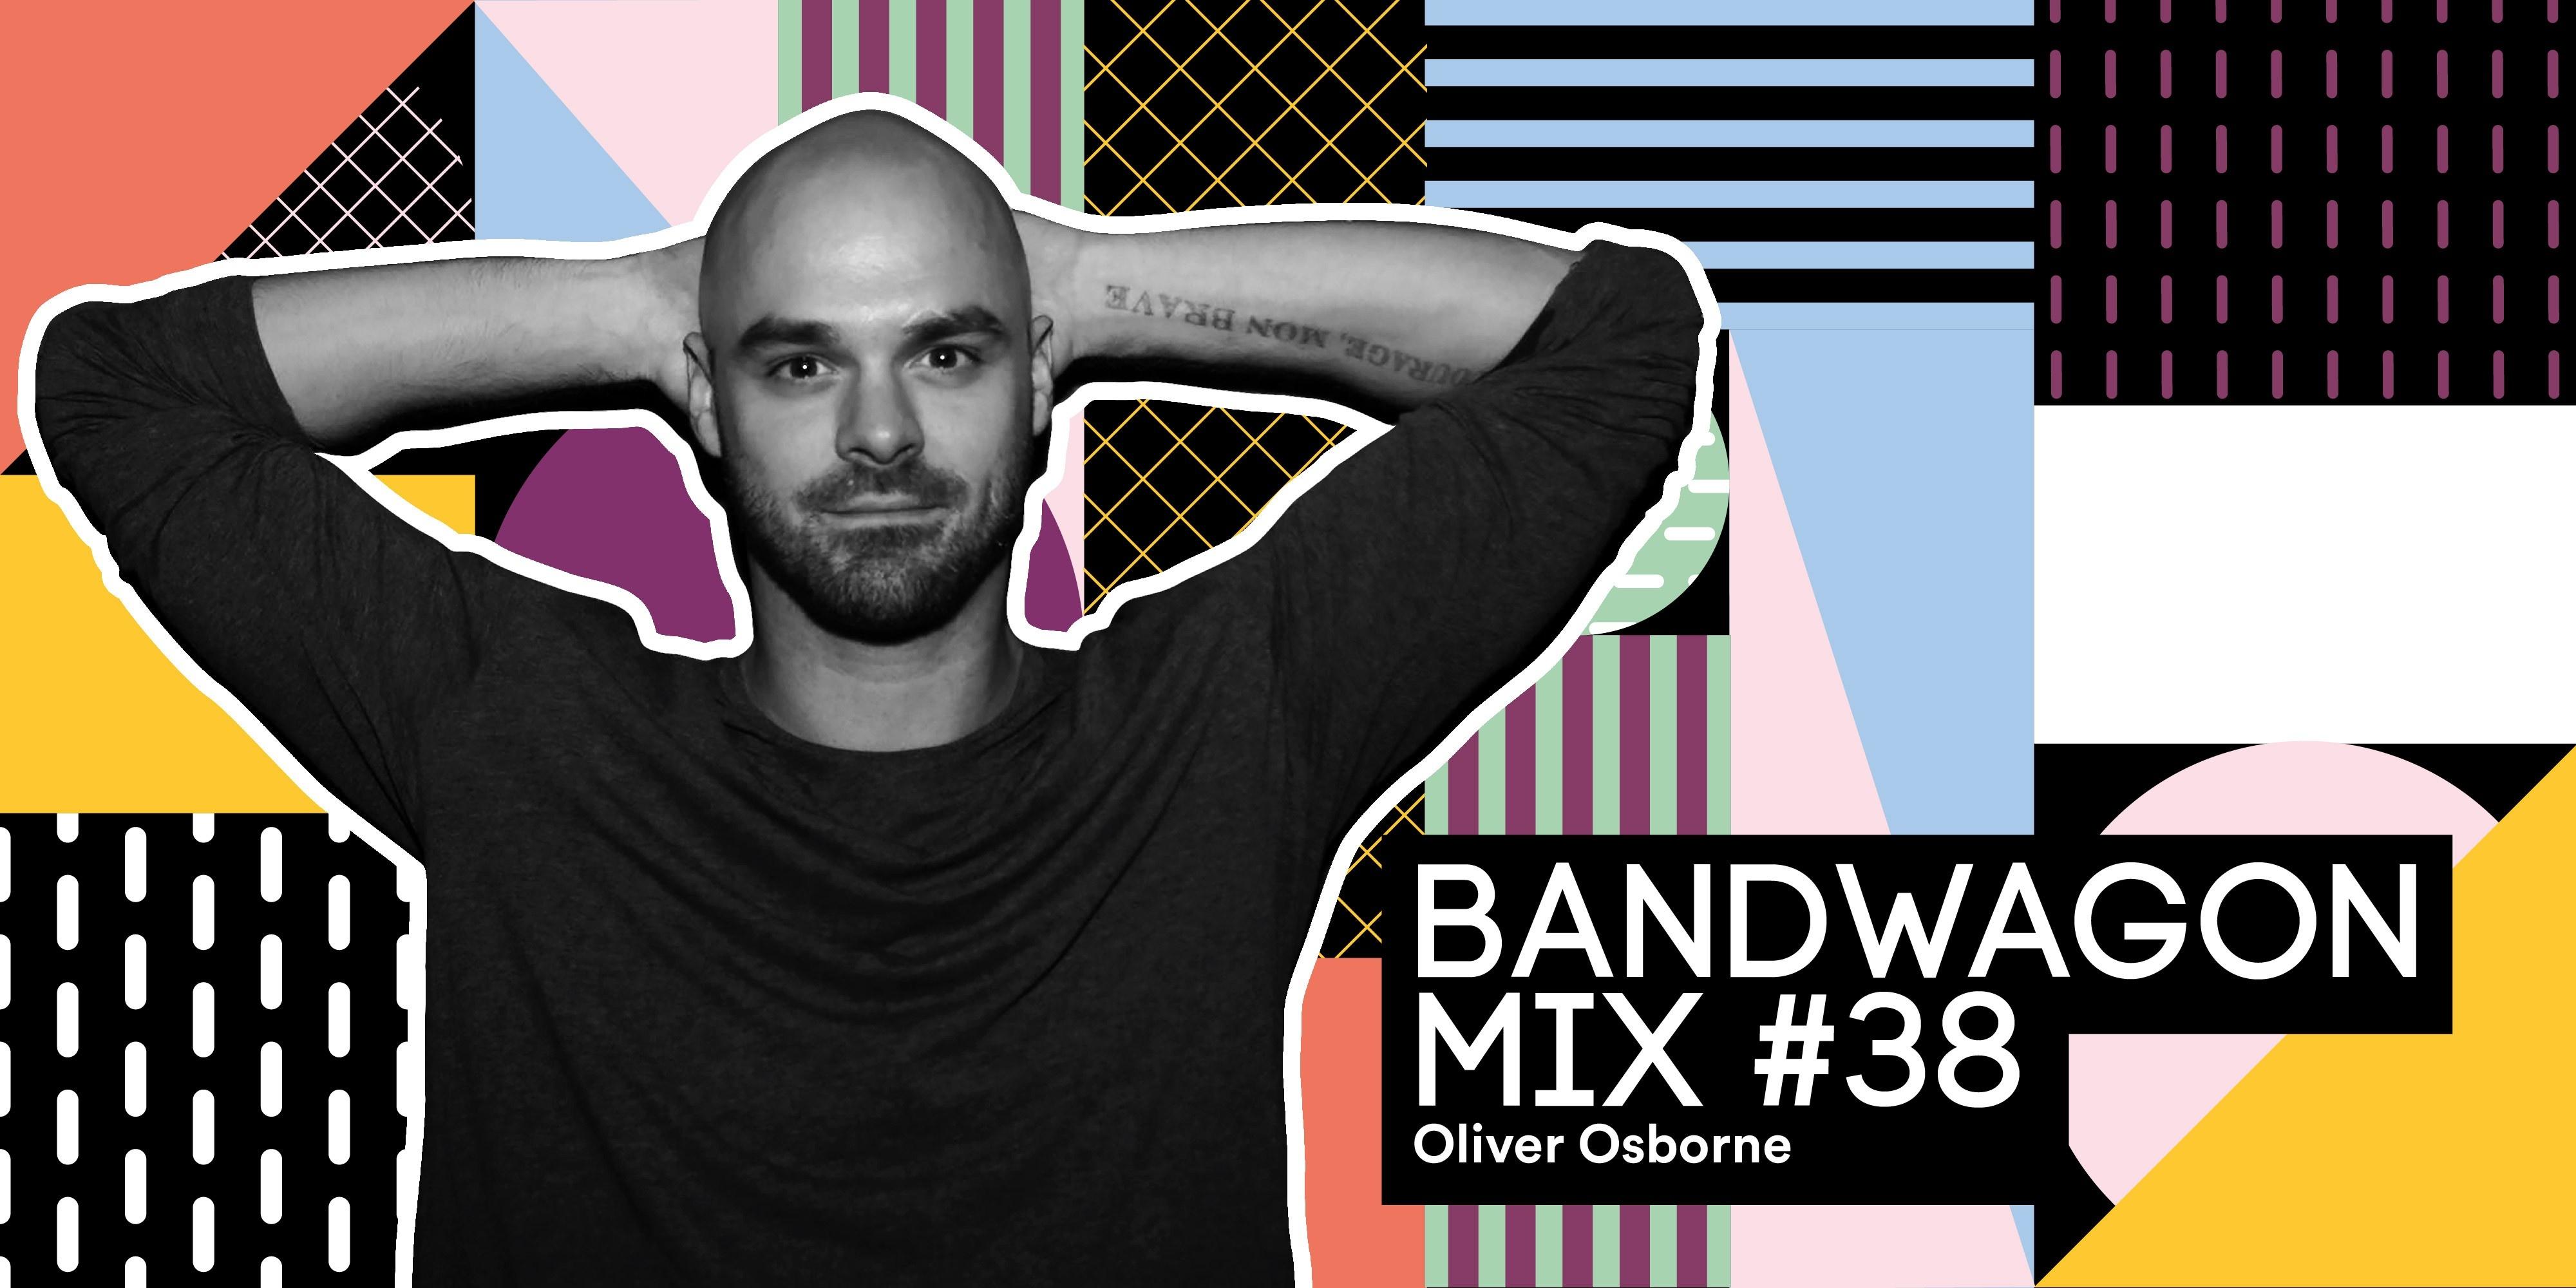 Bandwagon Mix #38: Oliver Osborne